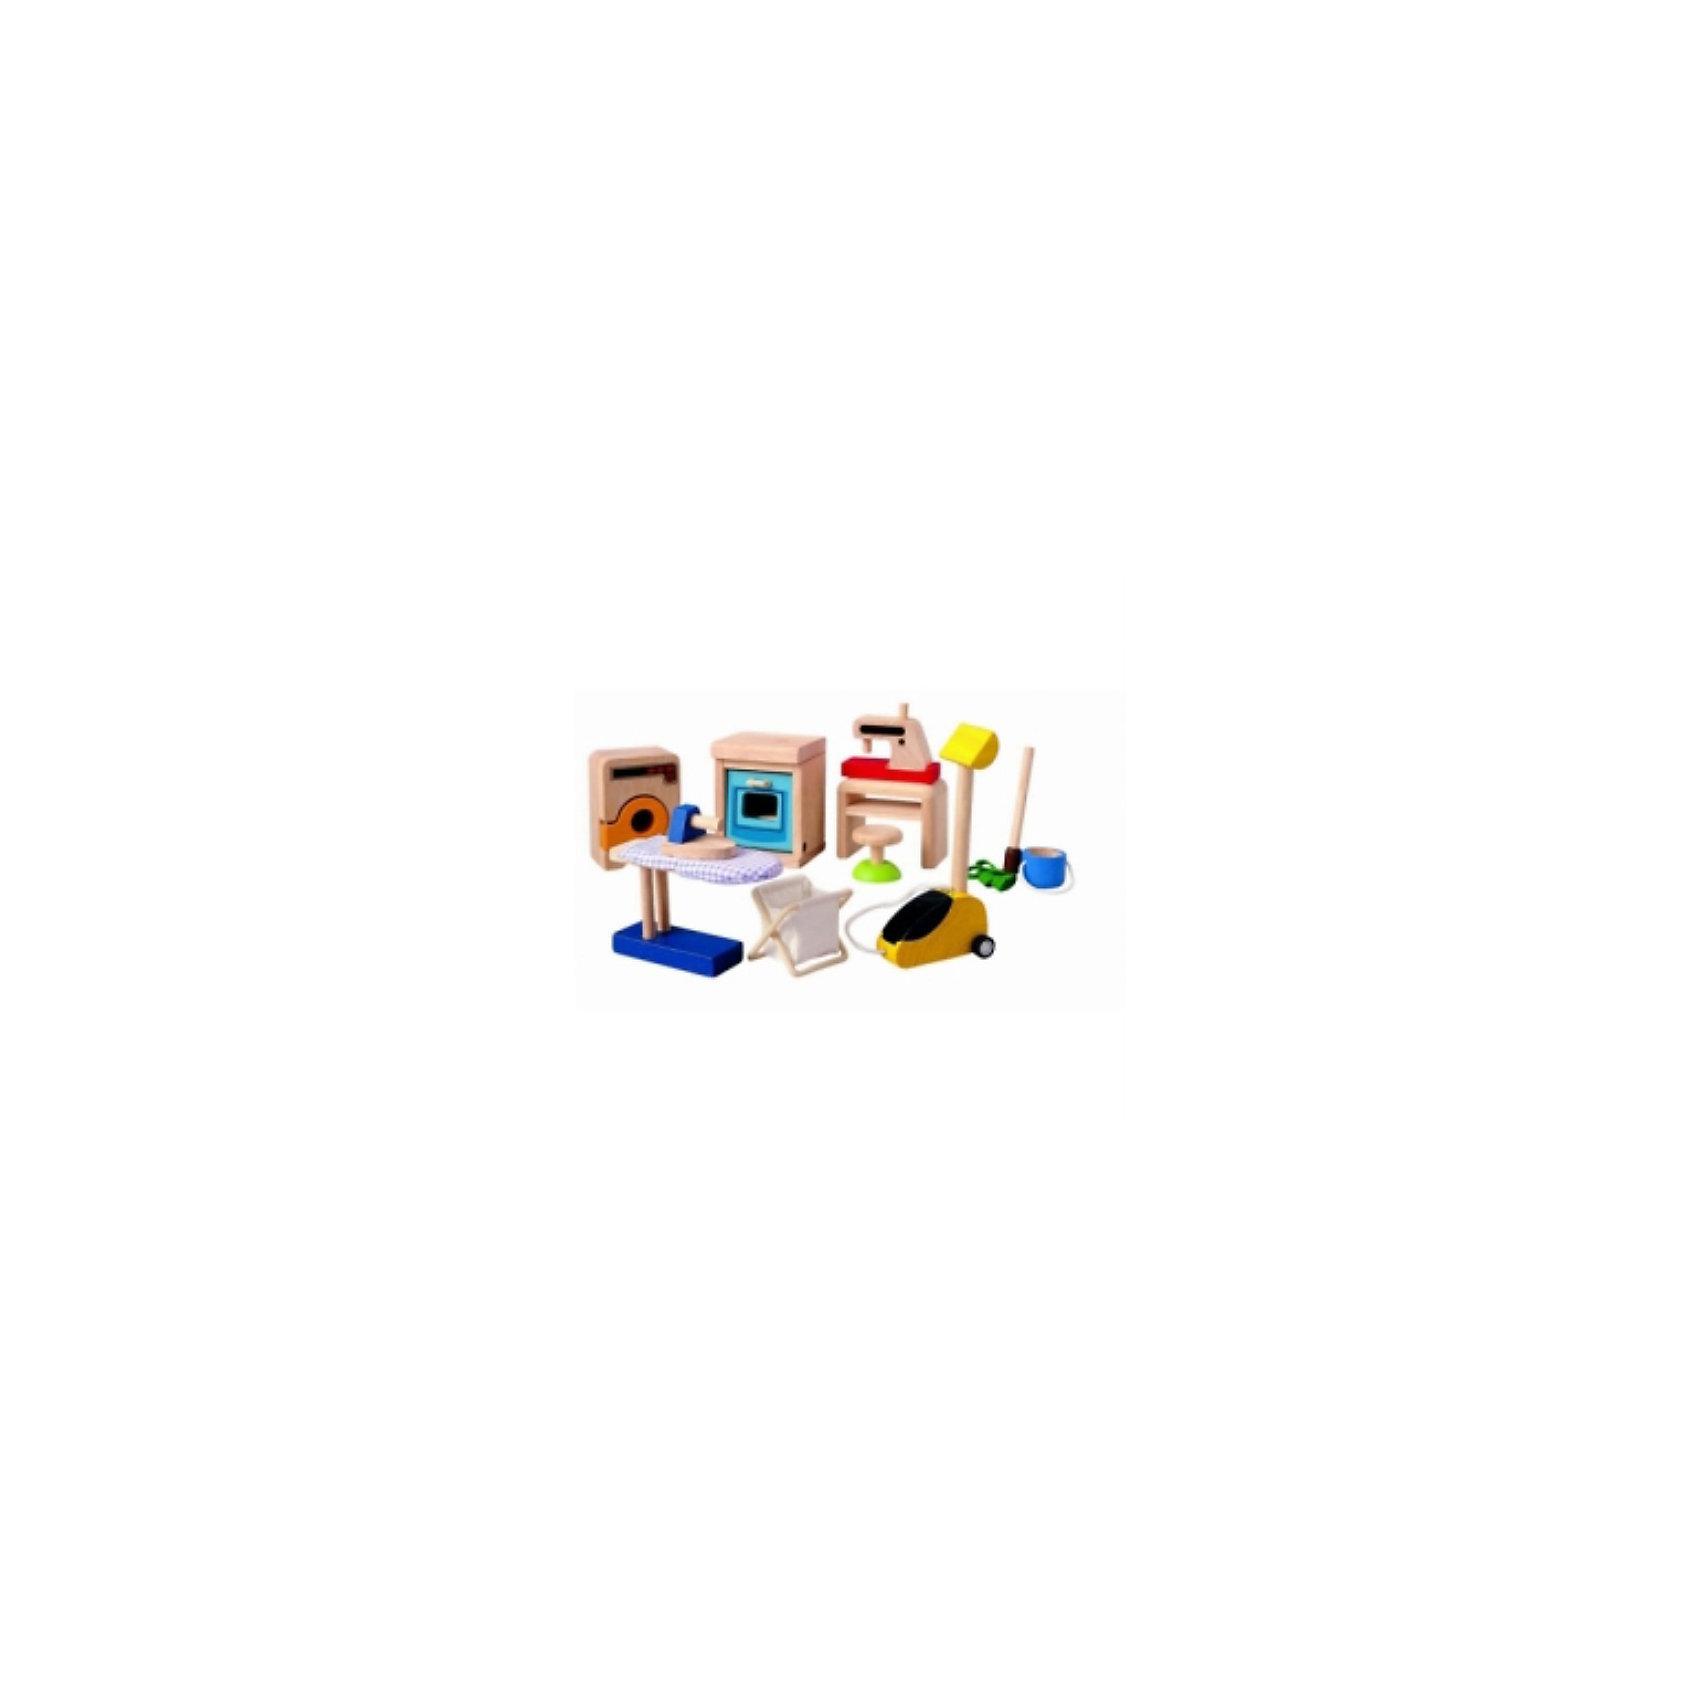 Plan Toys PLAN TOYS 9710 Аксессуары для кукольного дома конструкторы plan toys игра кактус